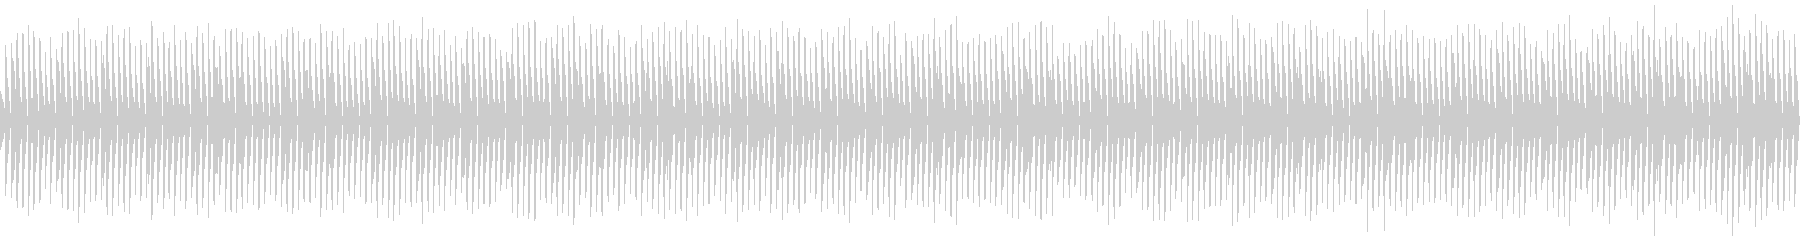 勇壮 ファミコン・ゲーム内音楽 冒険の未再生の波形